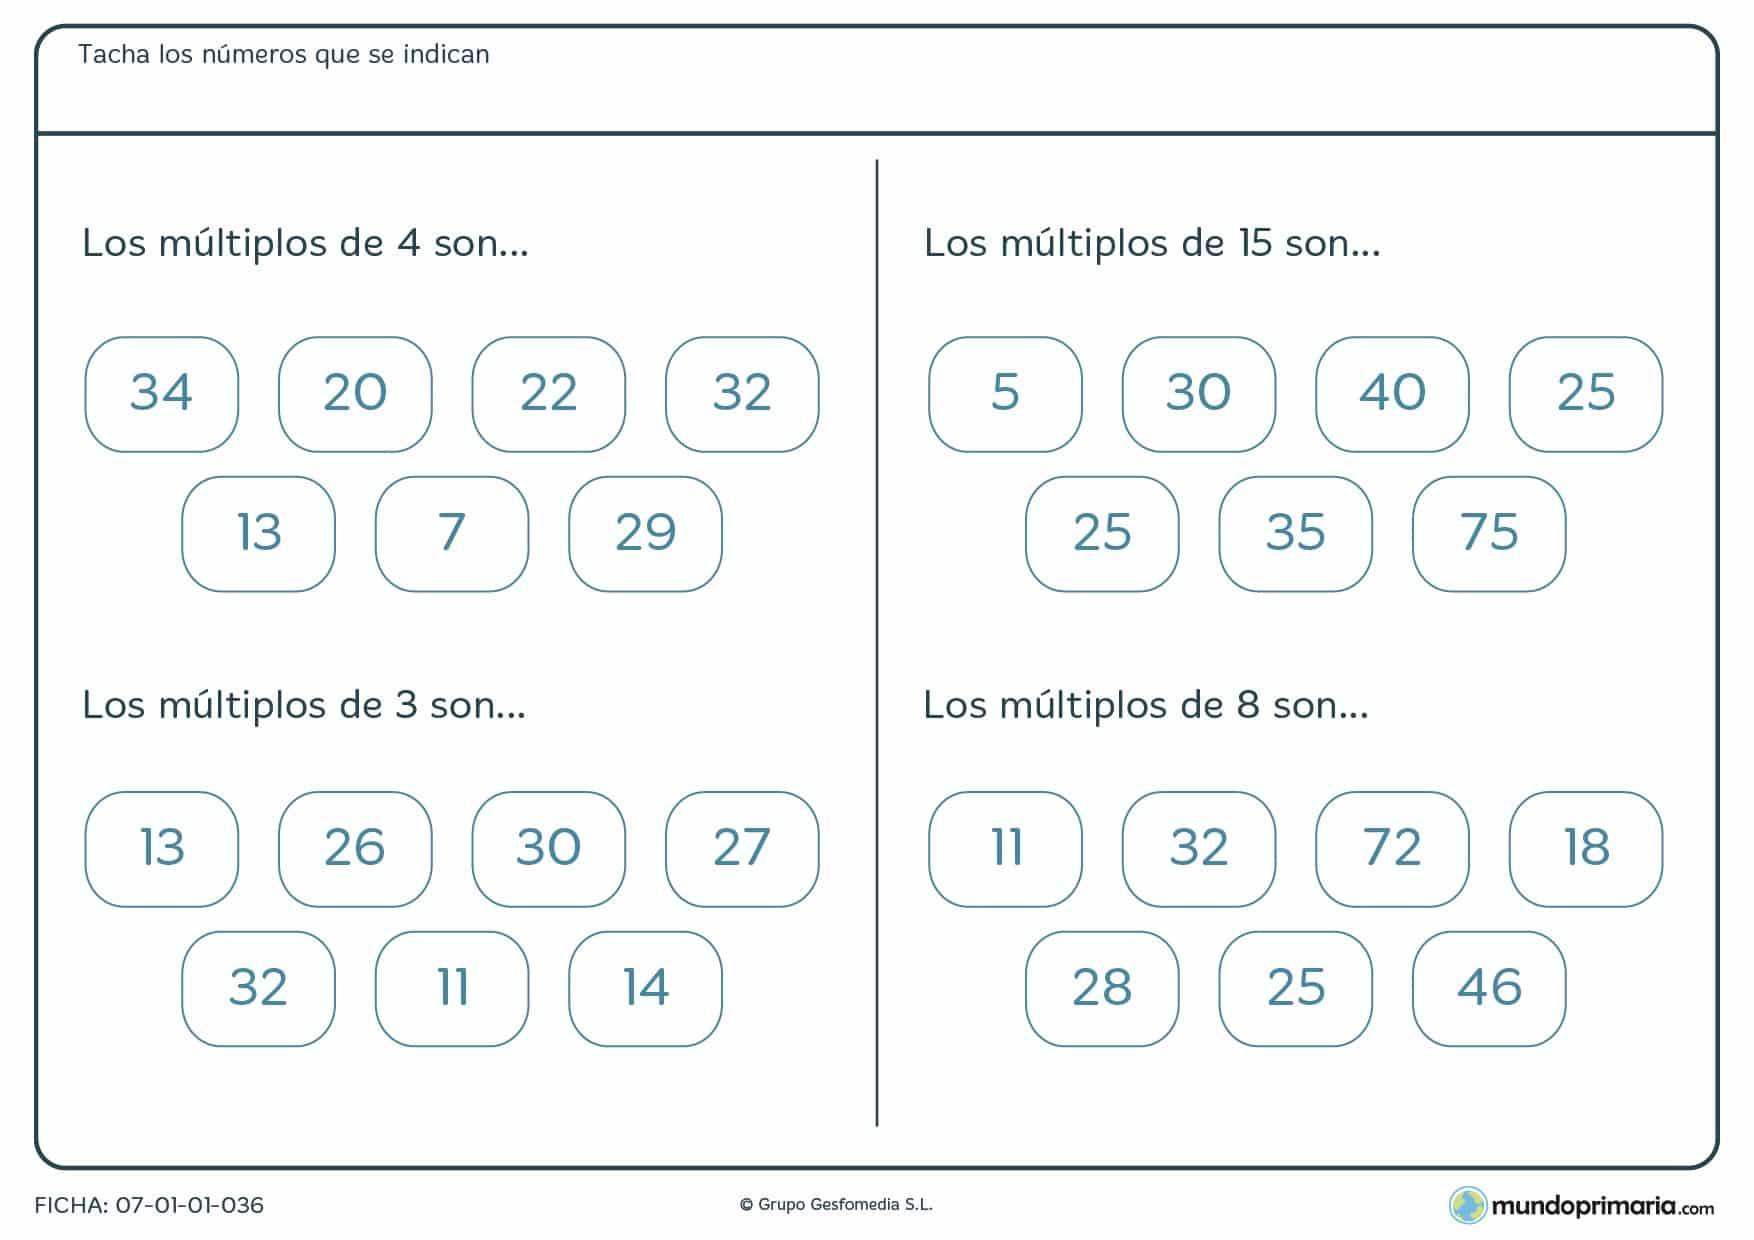 Marca los múltiplos de los cuatro números que encontrarás en esta ficha.